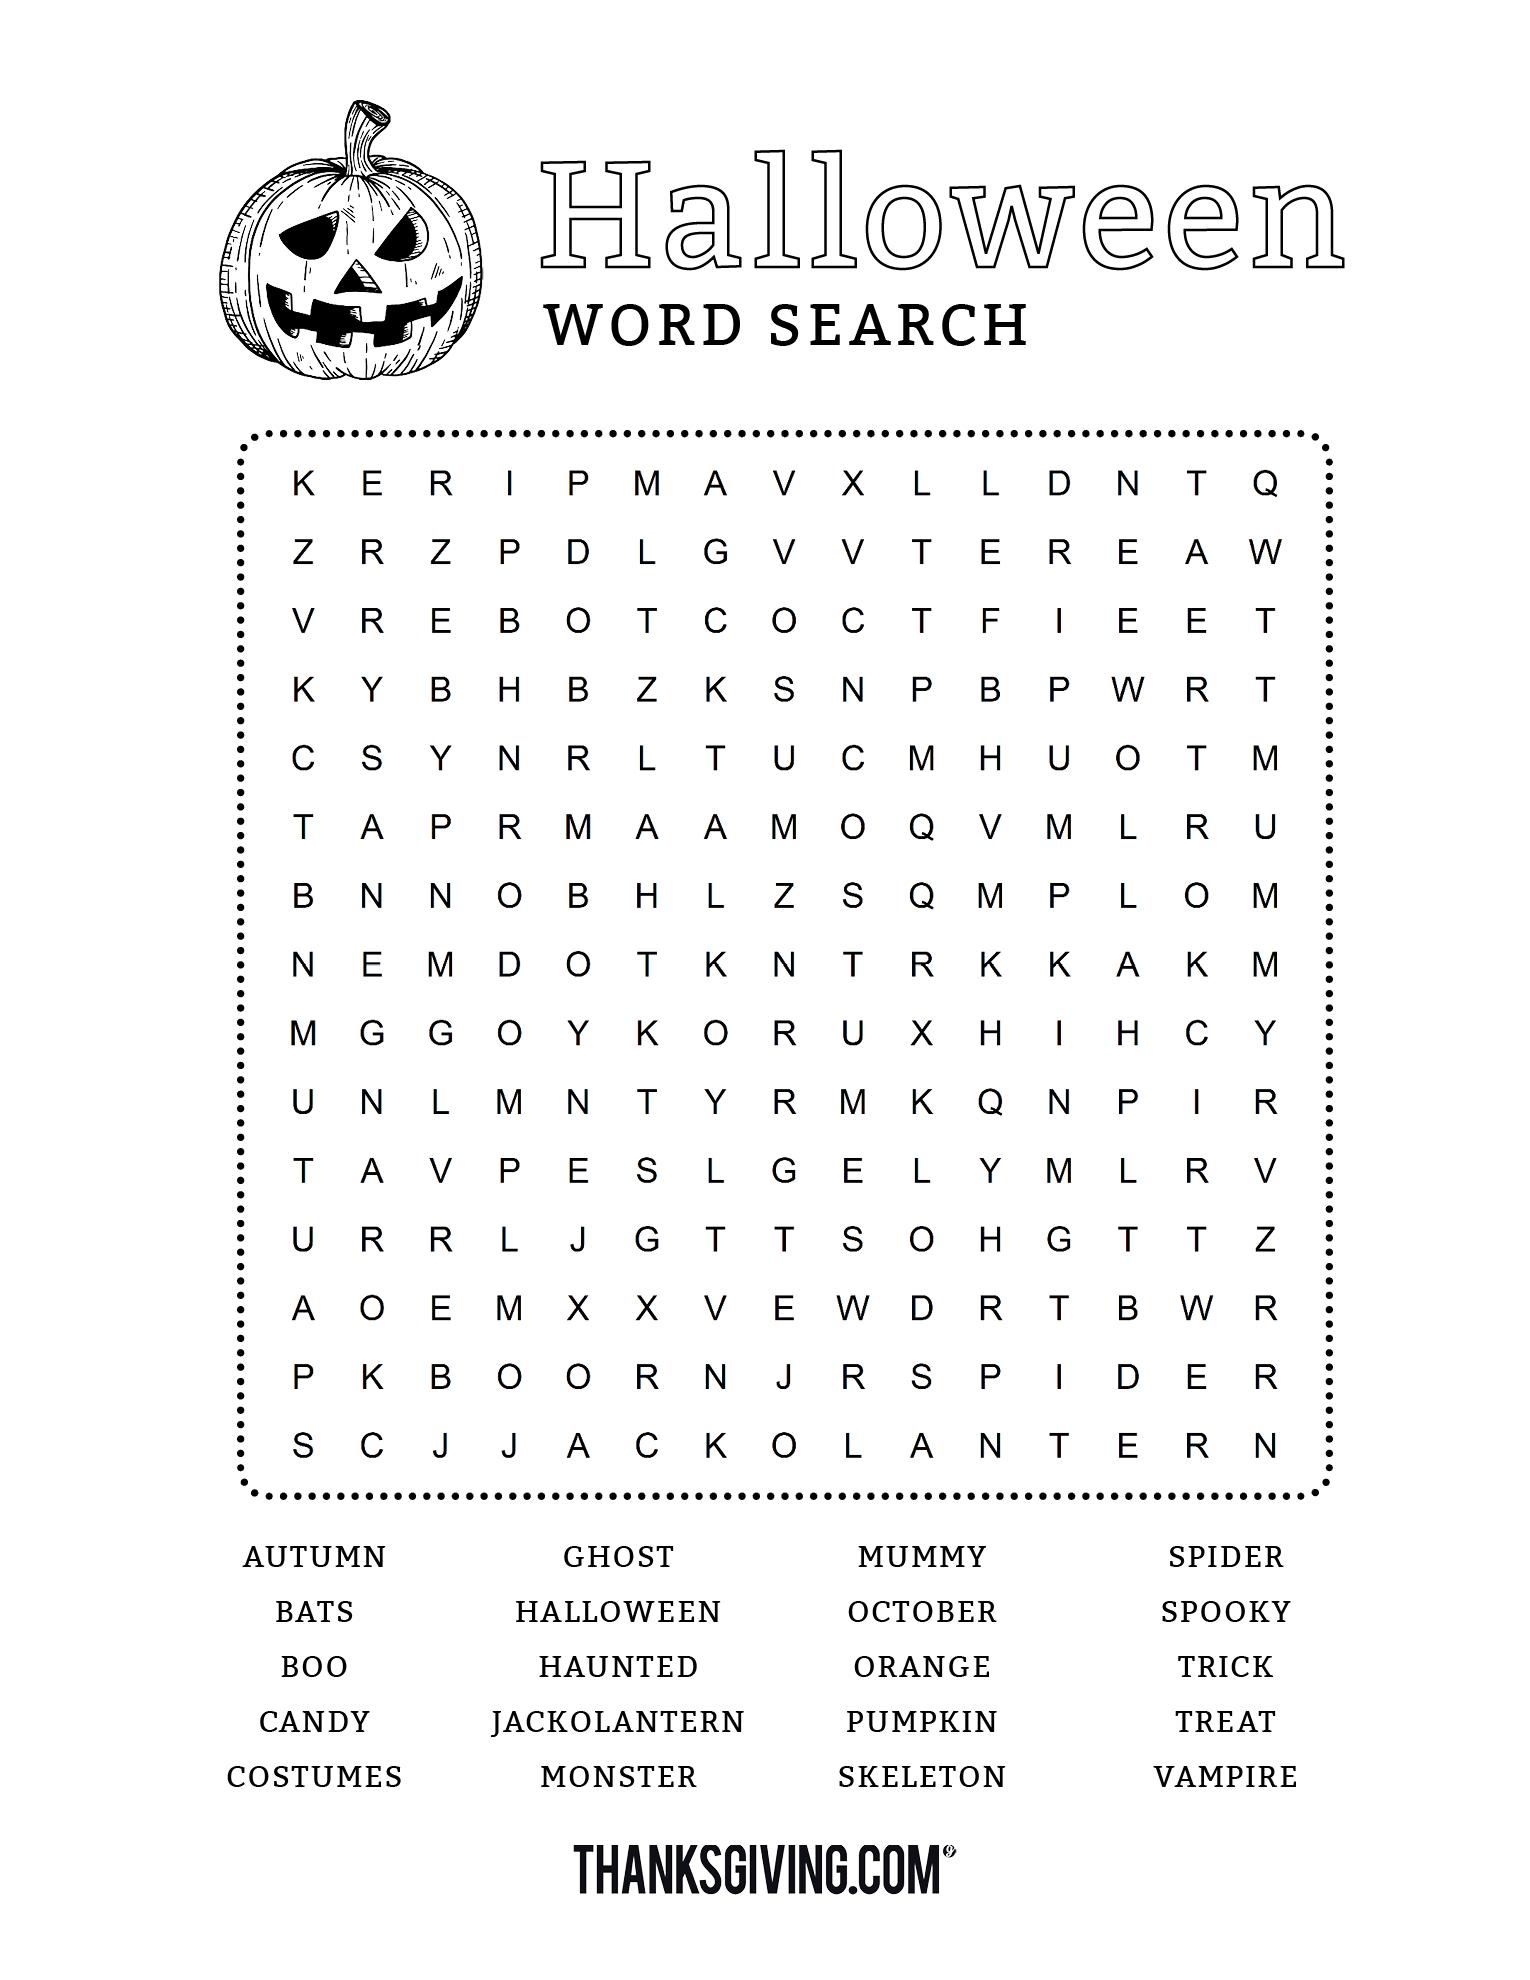 Fun & Free Printable Halloween Word Search - Thanksgiving - Free Printable Halloween Word Search Puzzles